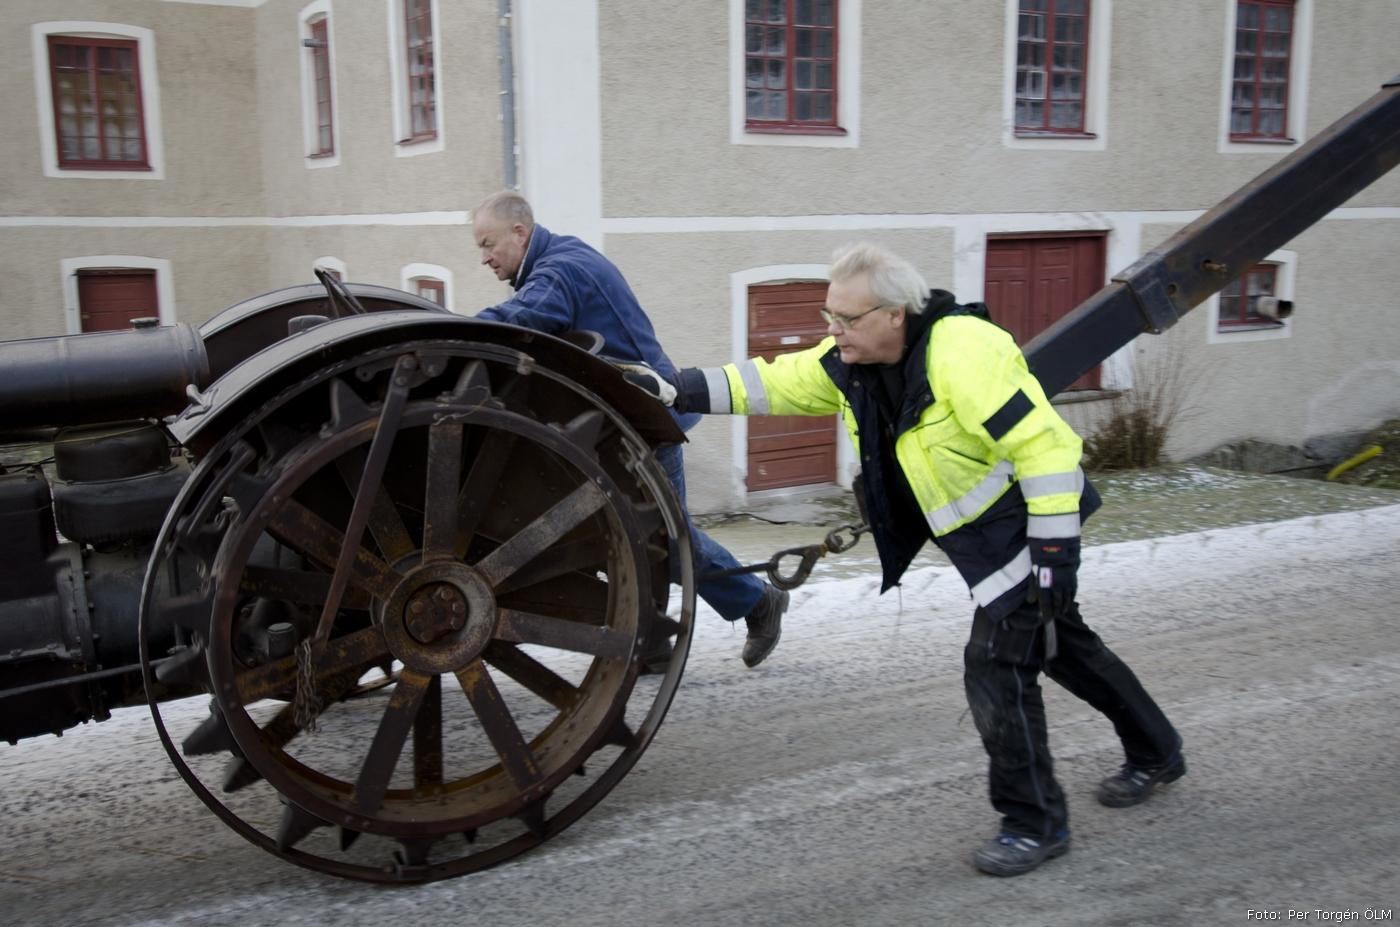 2012-02-10_054_Tekniska_kvarnen